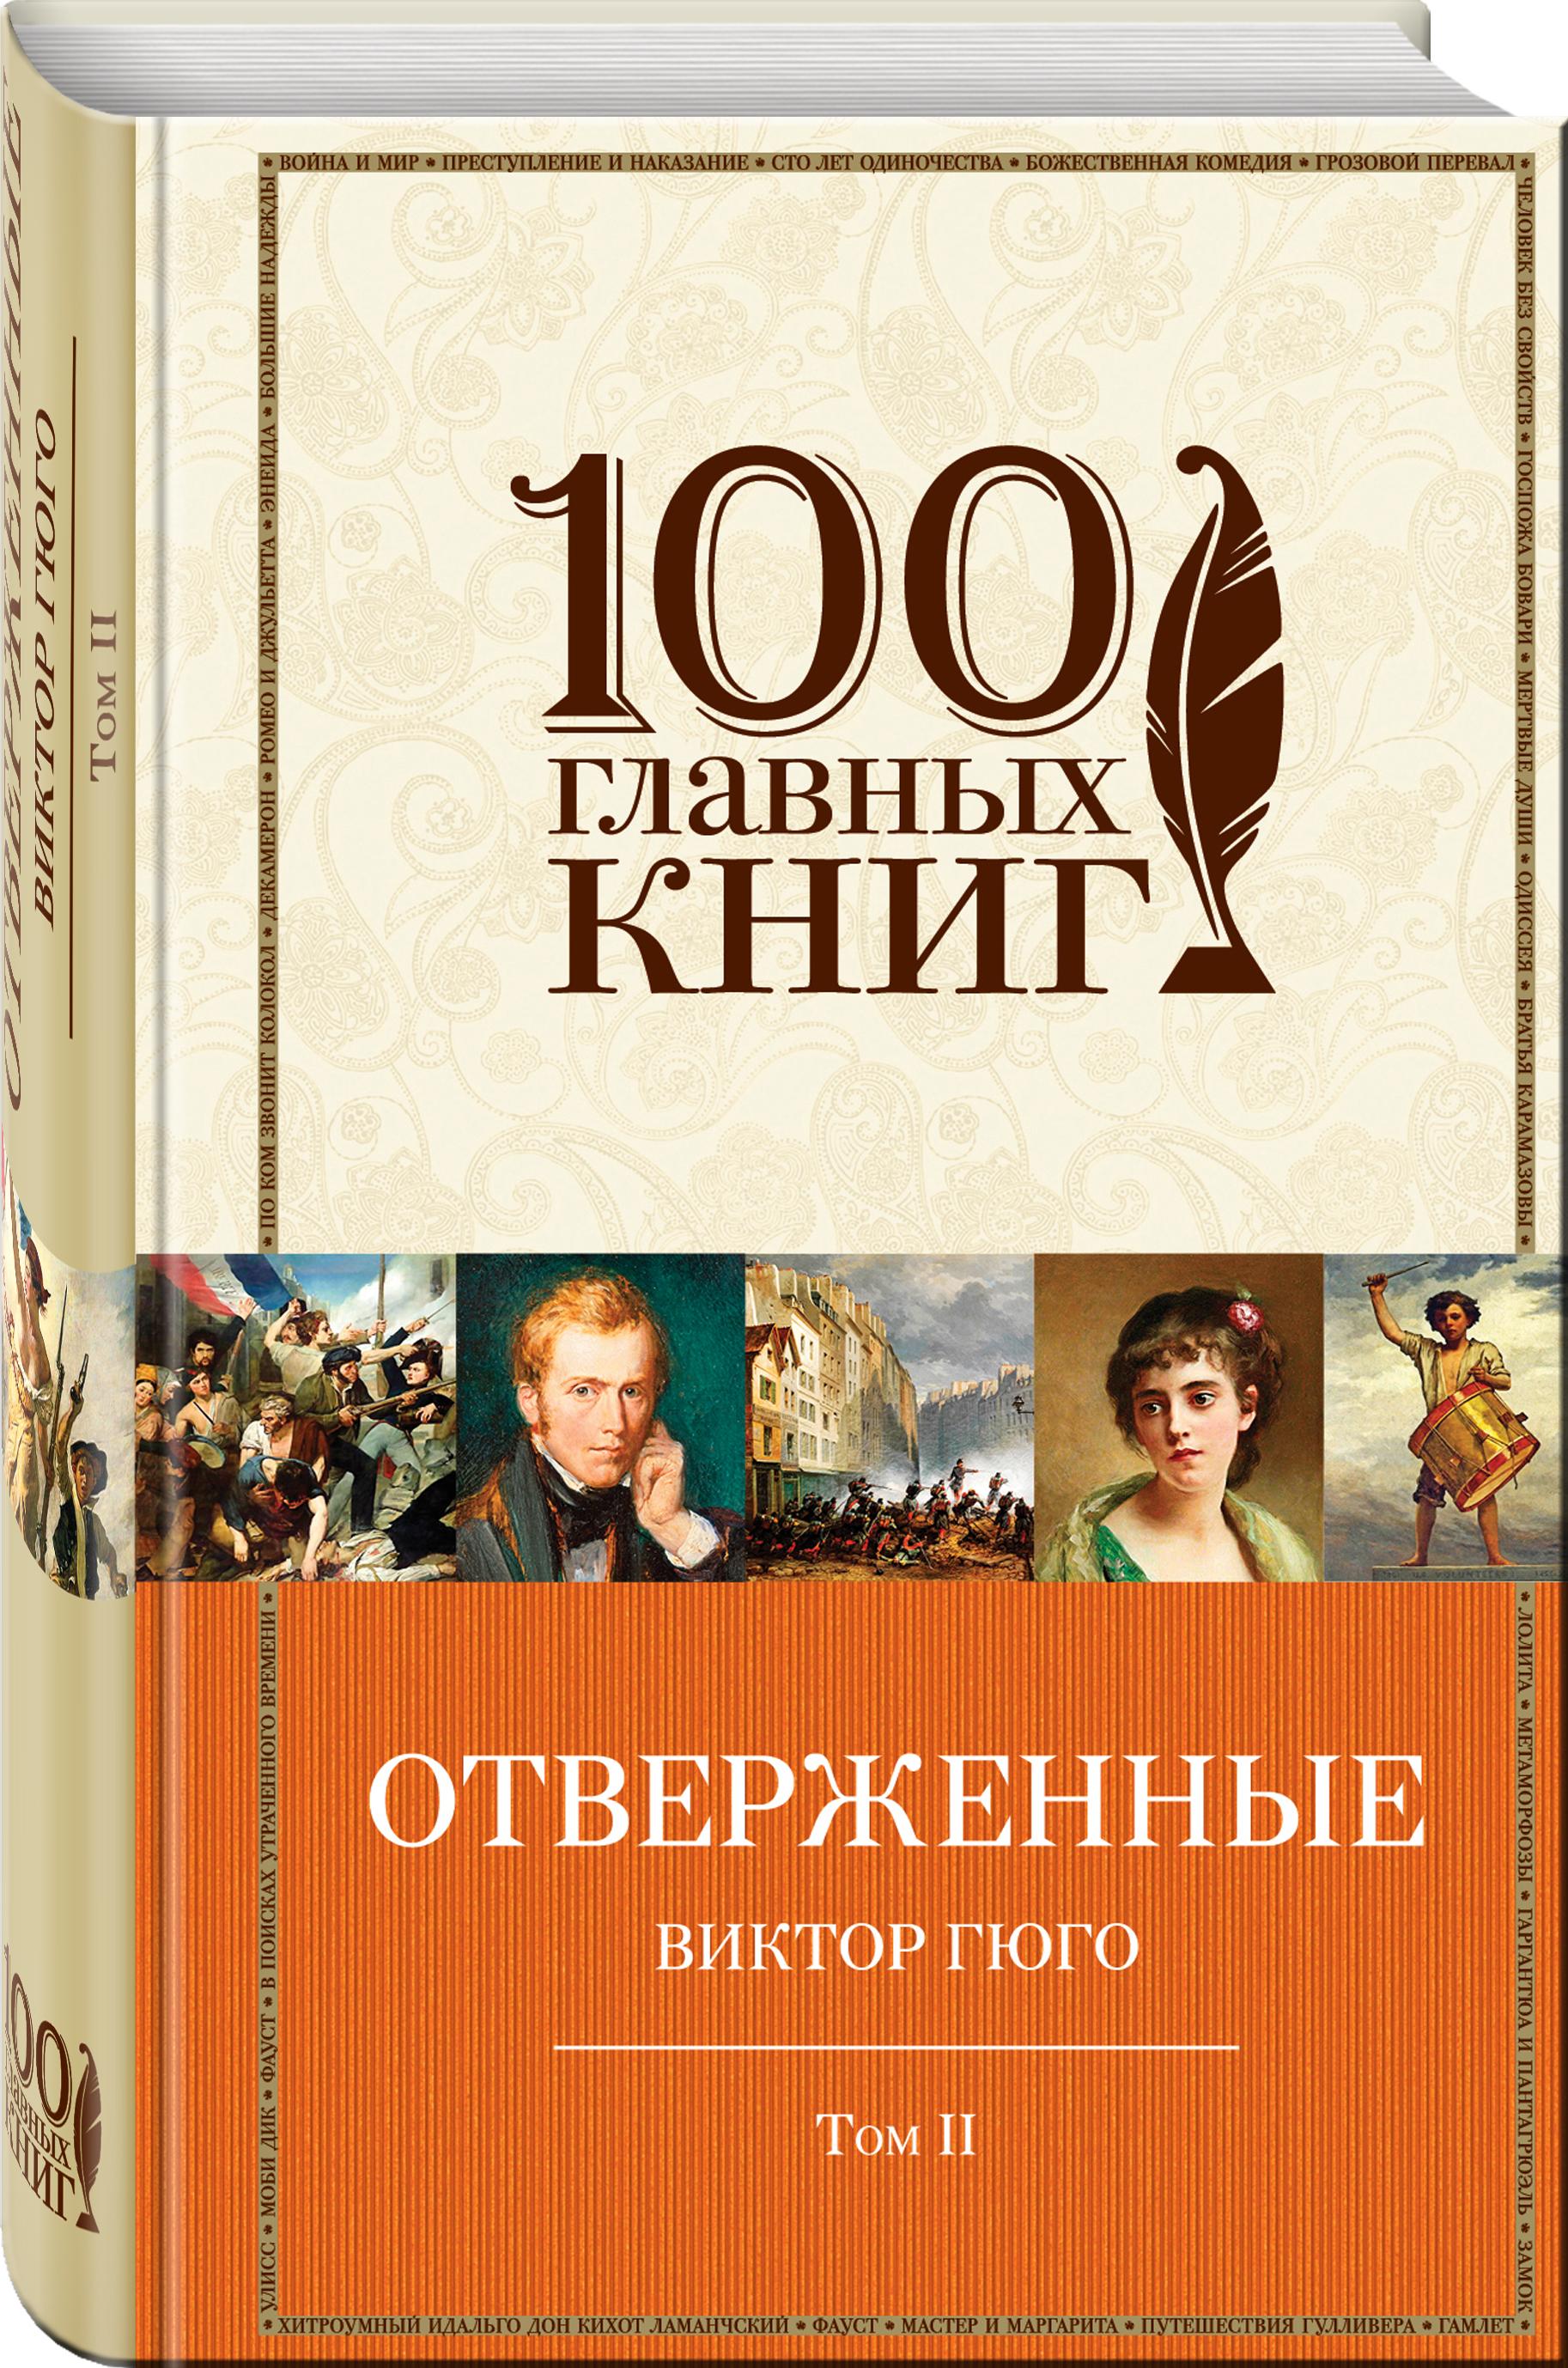 Гюго В. Отверженные (комплект из 2-х книг) людмила дмитриева ануркина ориана гиперборея противостояние эпопея